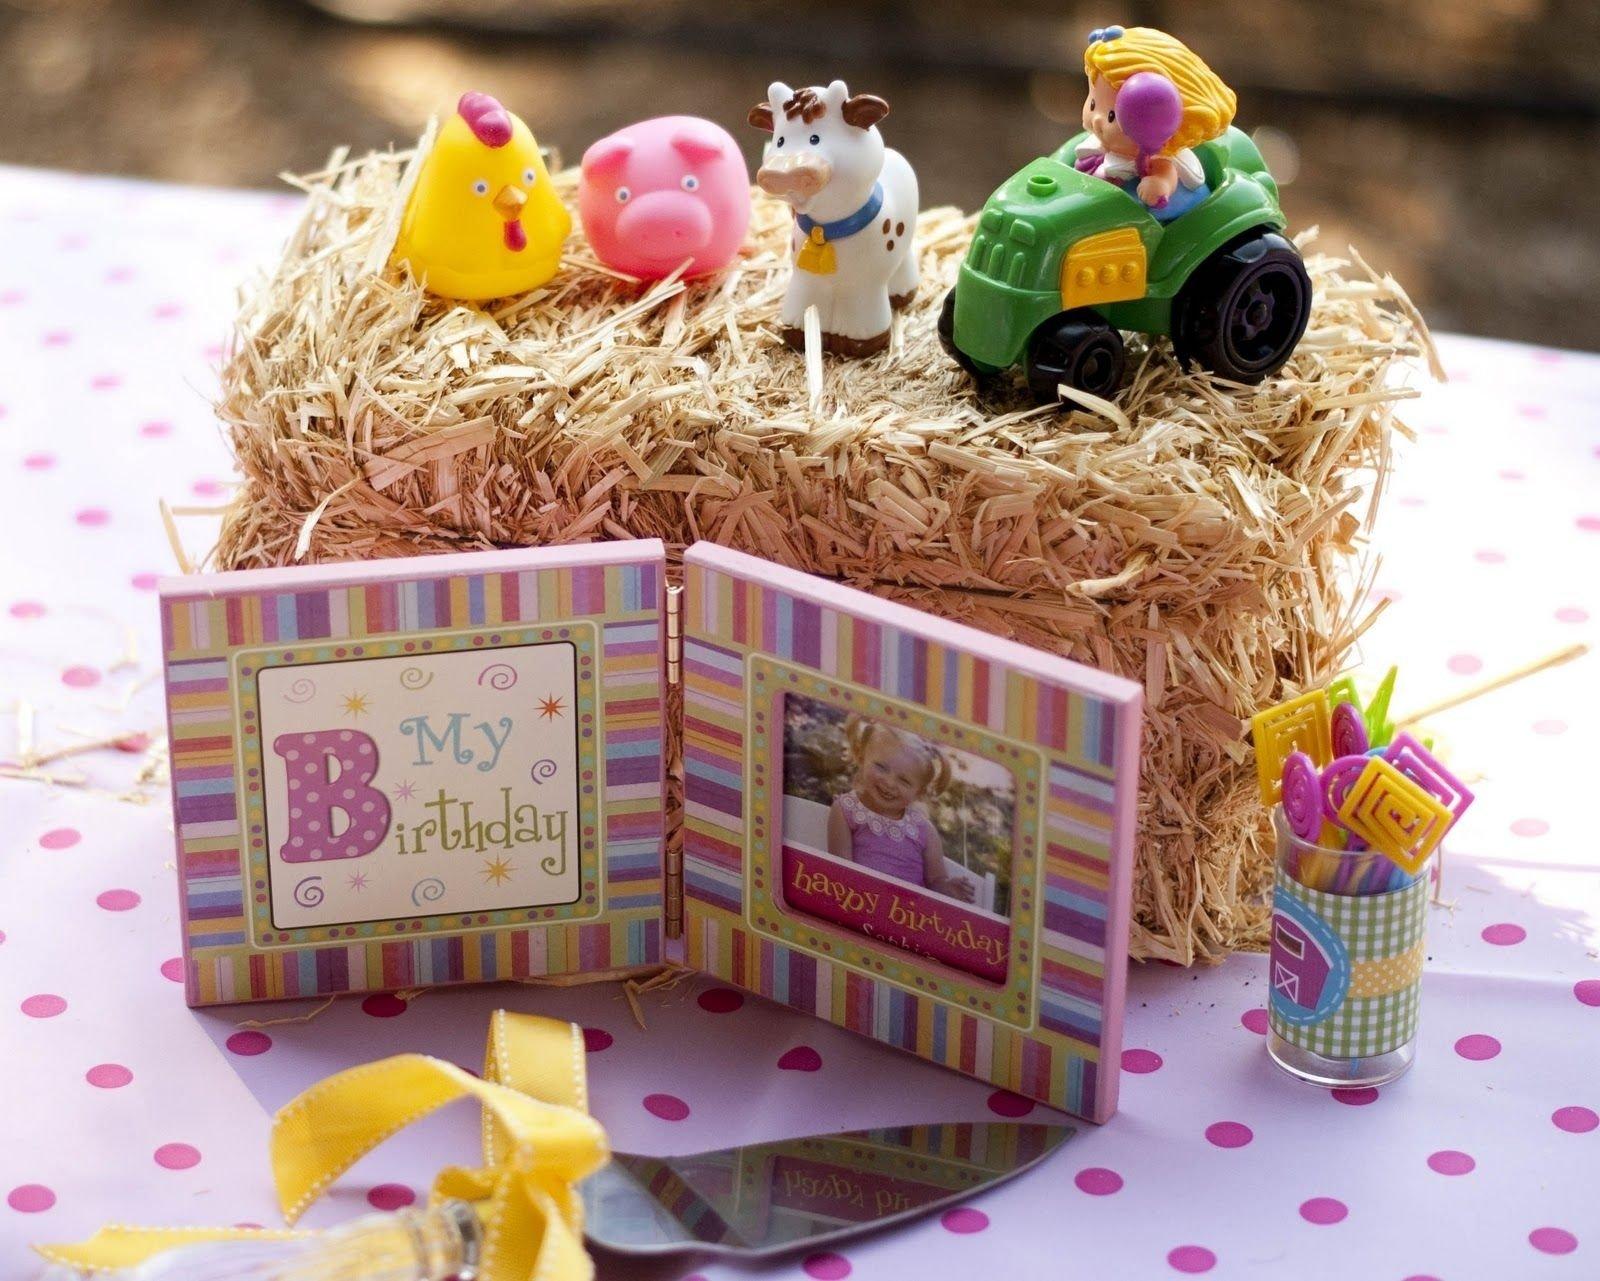 10 Gorgeous Petting Zoo Birthday Party Ideas petting zoo party decor party decorations birthday party 2020